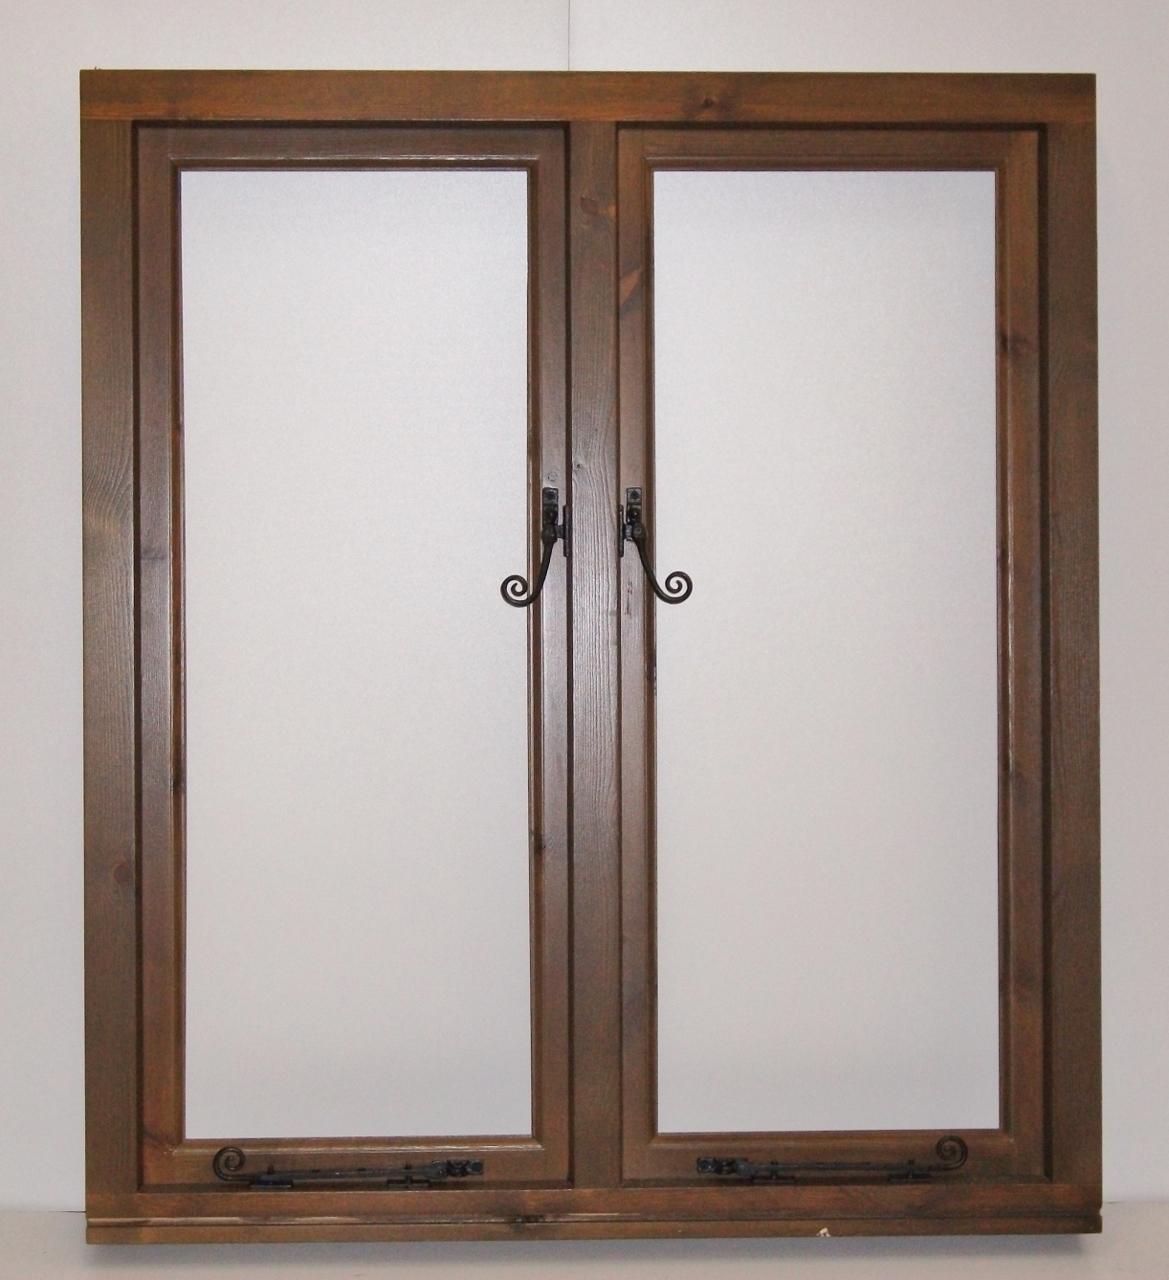 Plain Casement Window Gallery